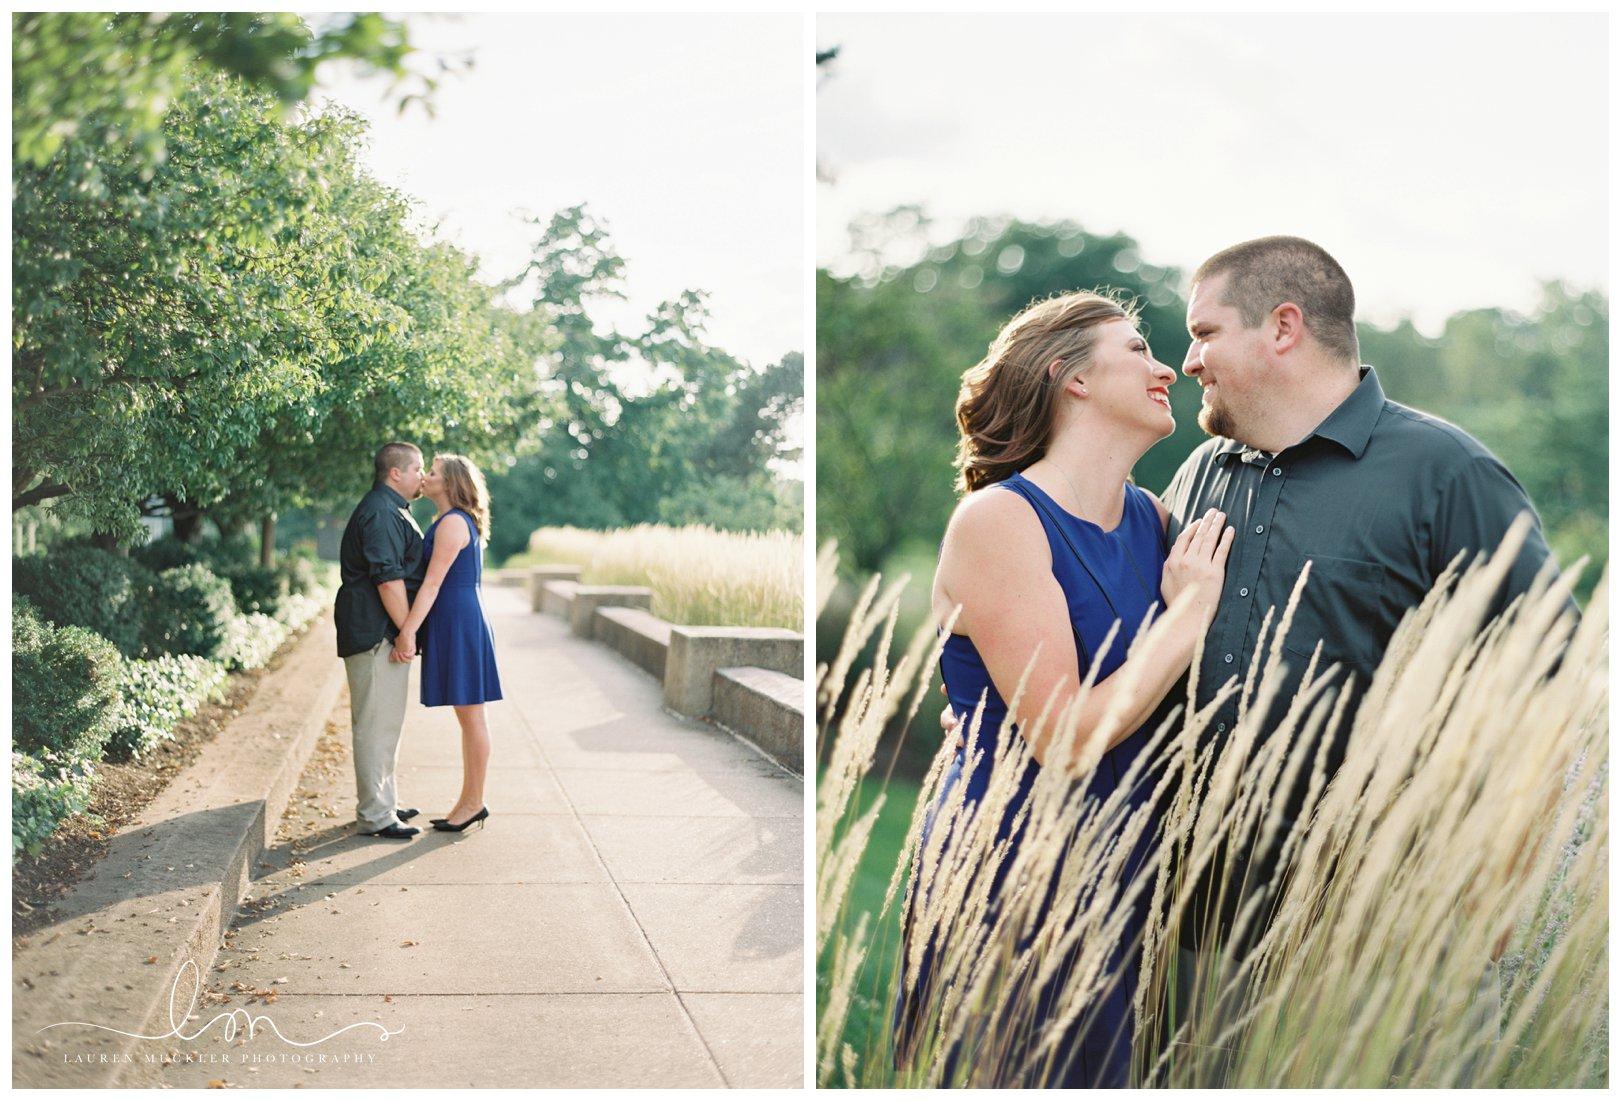 lauren muckler photography_fine art film wedding photography_st louis_photography_0610.jpg